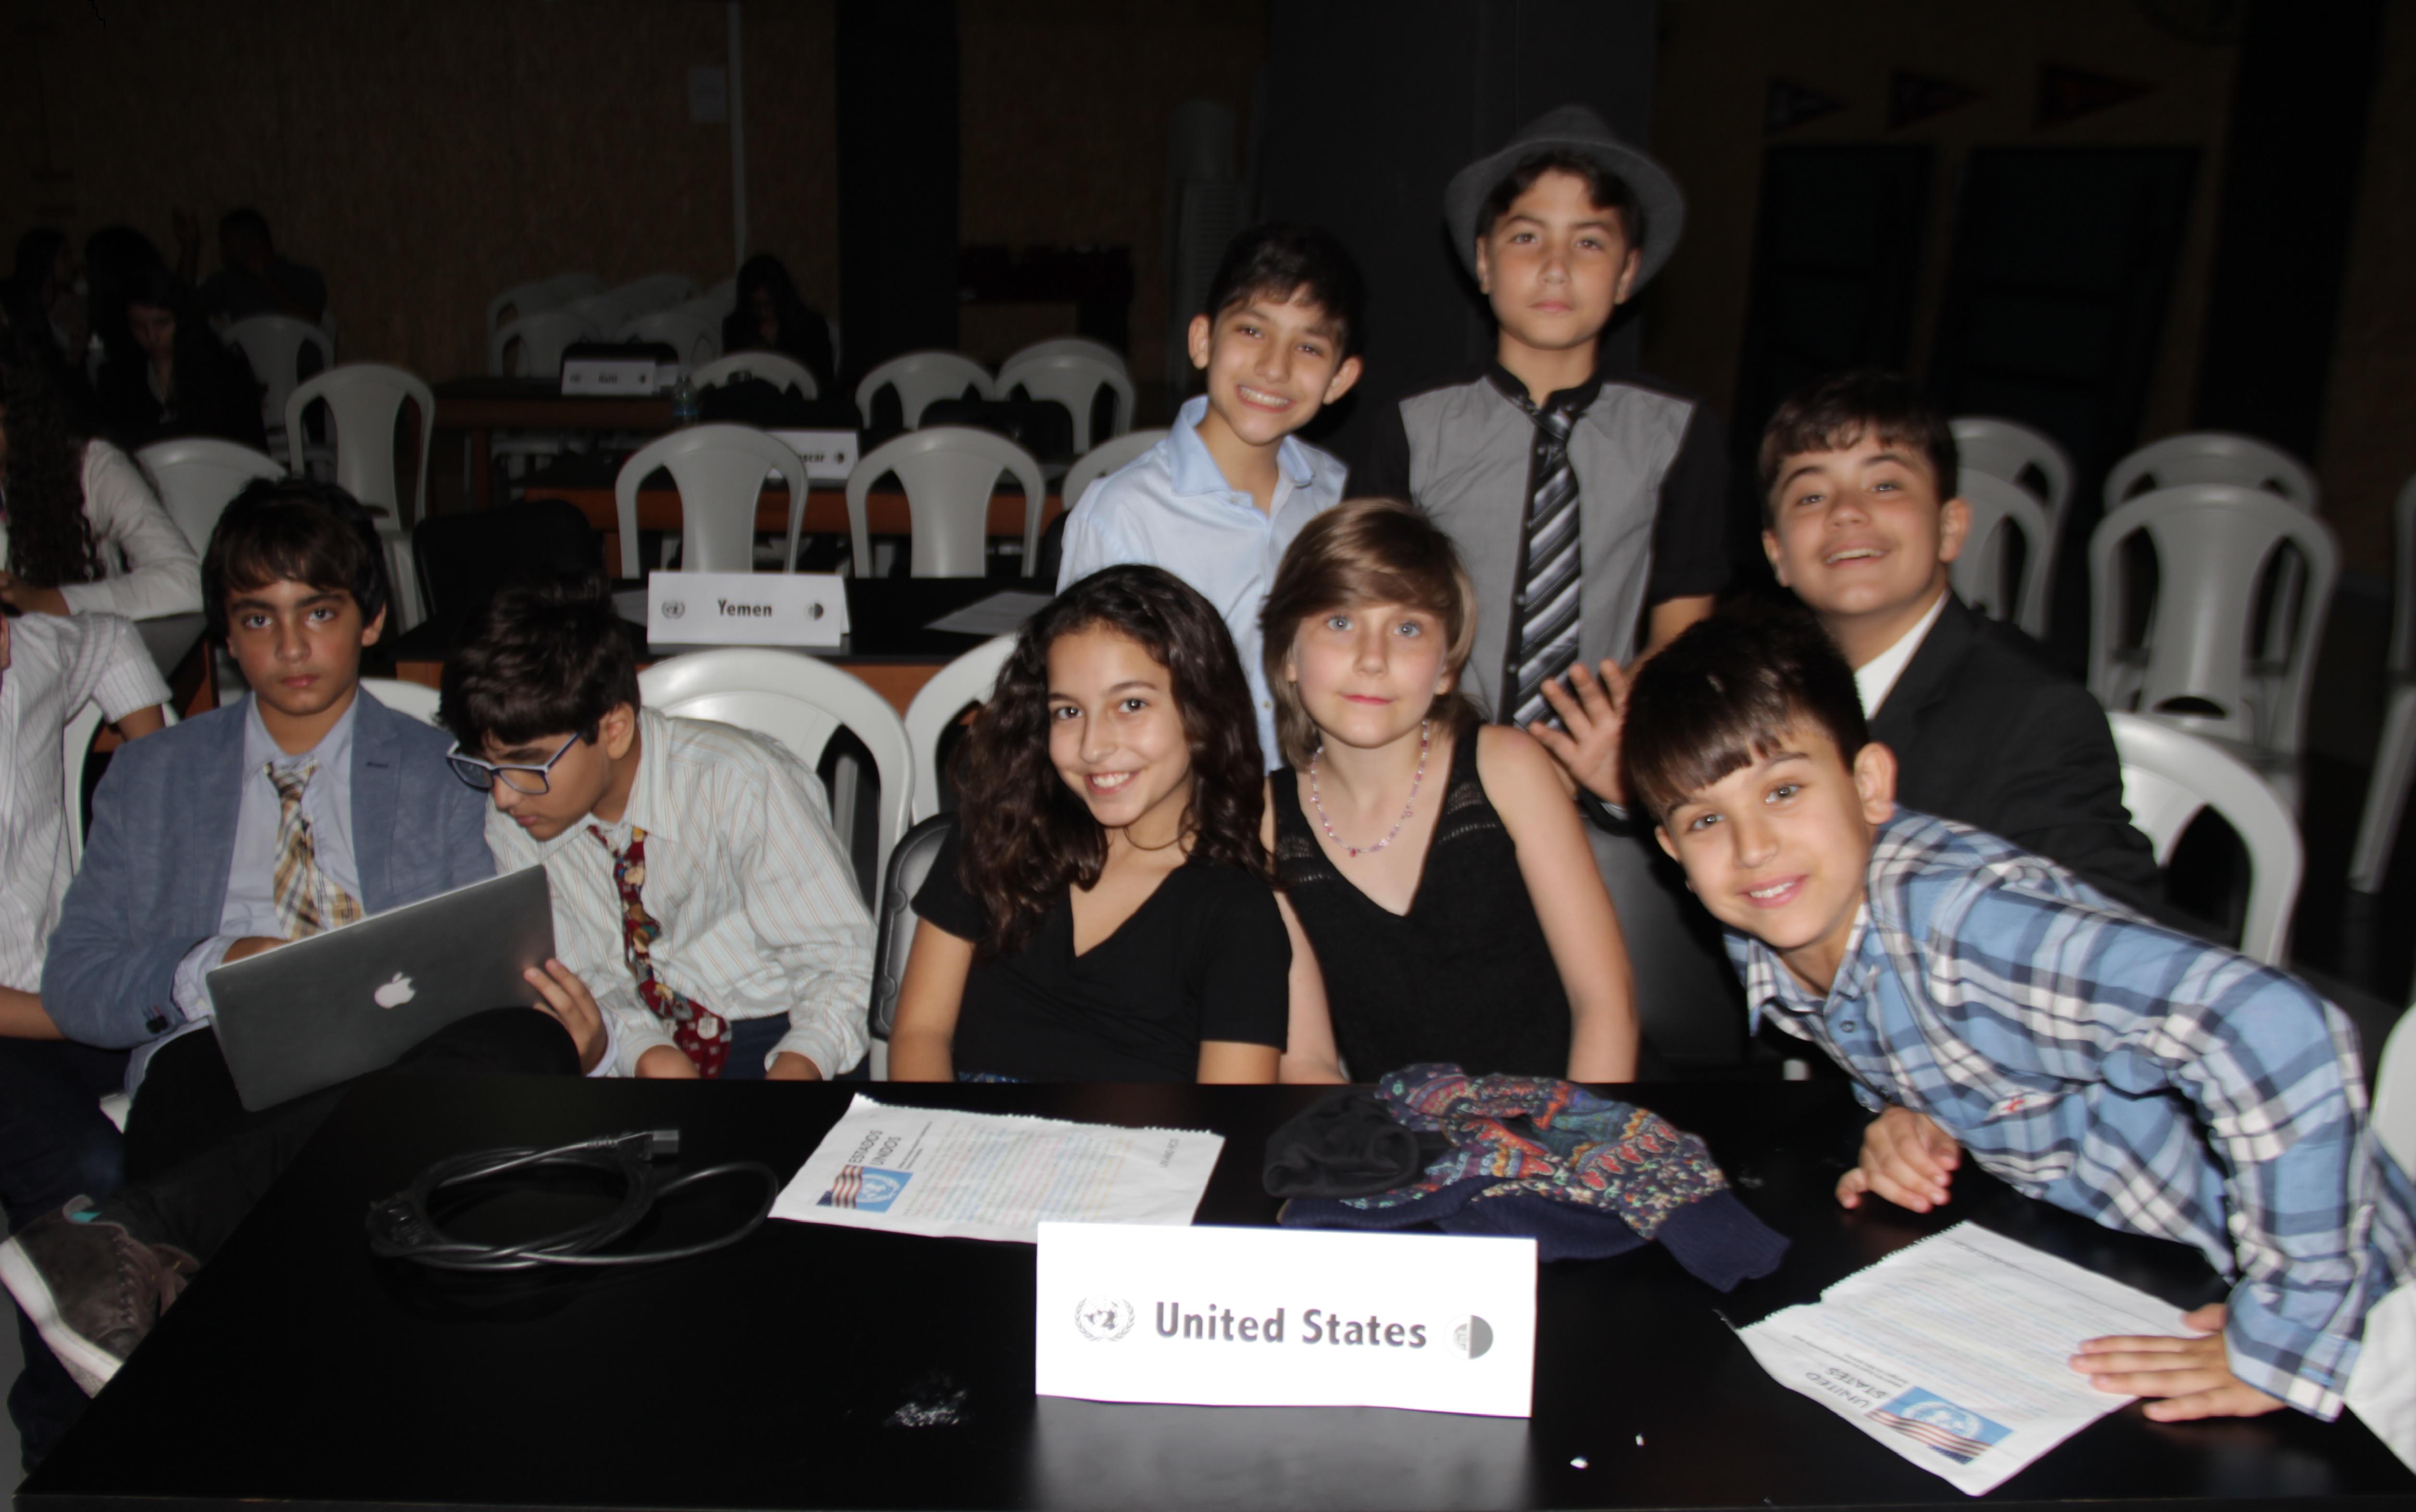 Os alunos da Christian School simulam Conferência da ONU no RJ